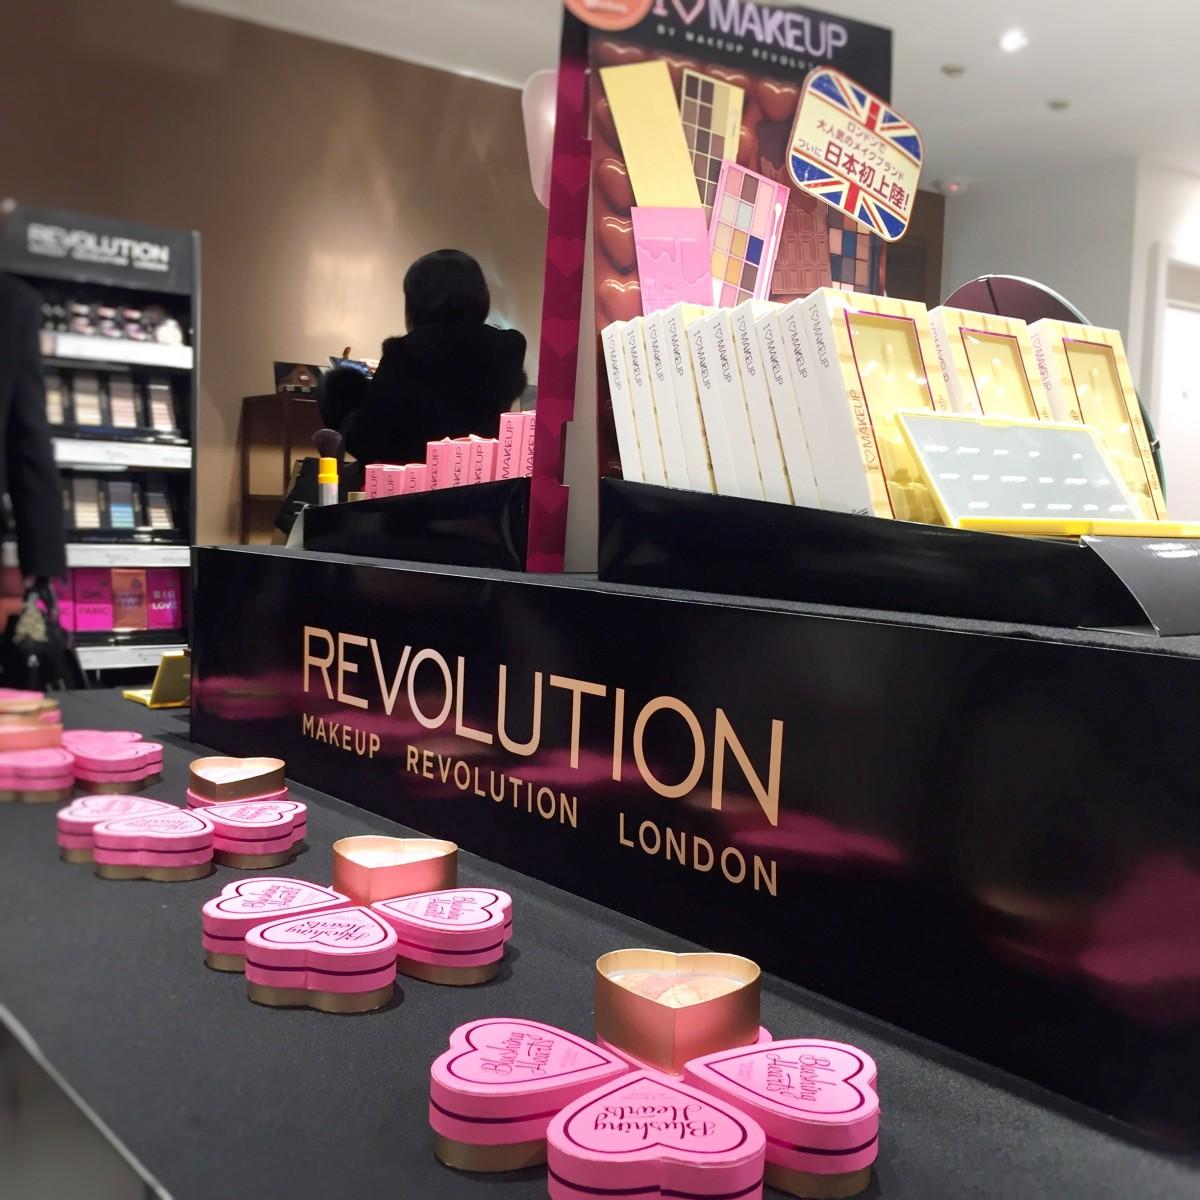 日本初上陸!ロンドン発ファストファッション コスメブランド「Makeup Revolution London」